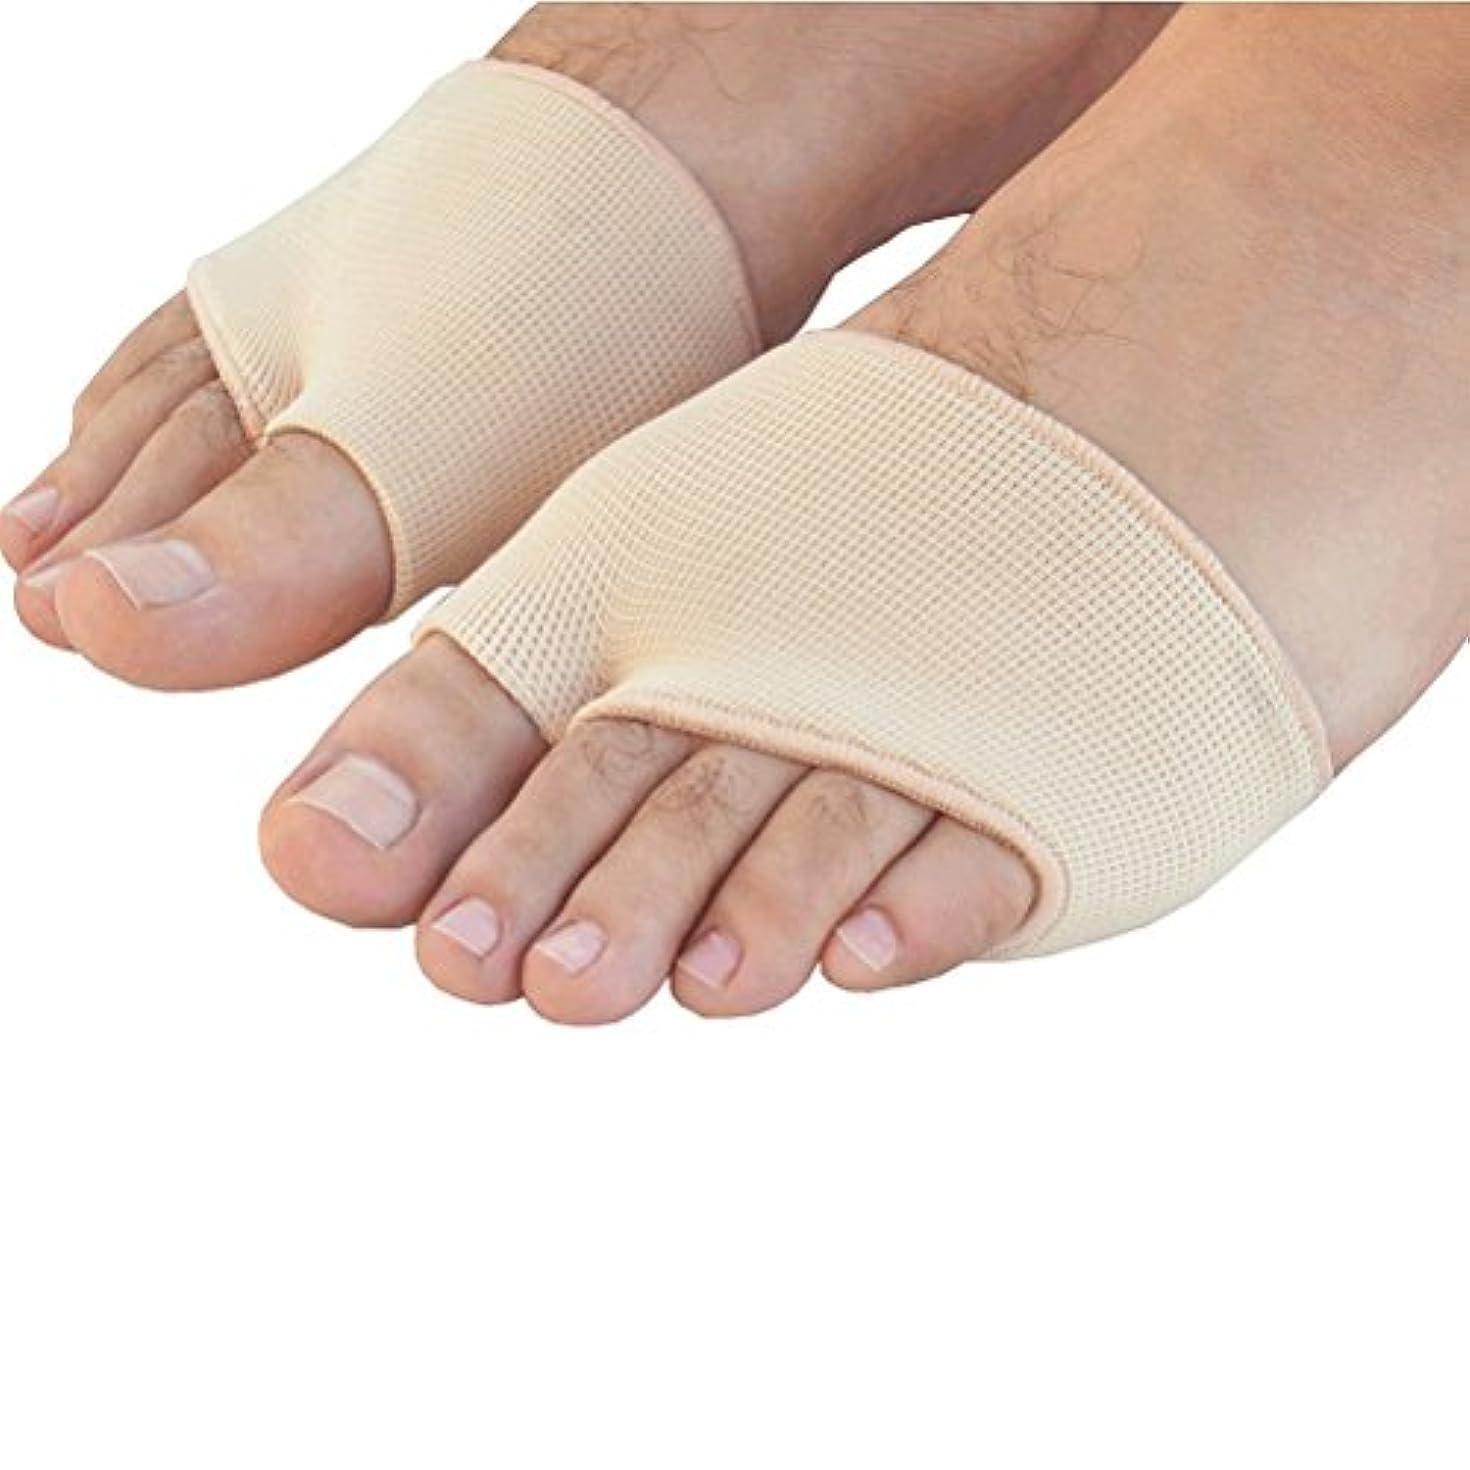 パス非行暗記するROSENICE ゲル前足中足骨の痛み救済吸収クッション パッド 足底筋膜炎インソール 衝撃吸収 サイズS(肌の色)